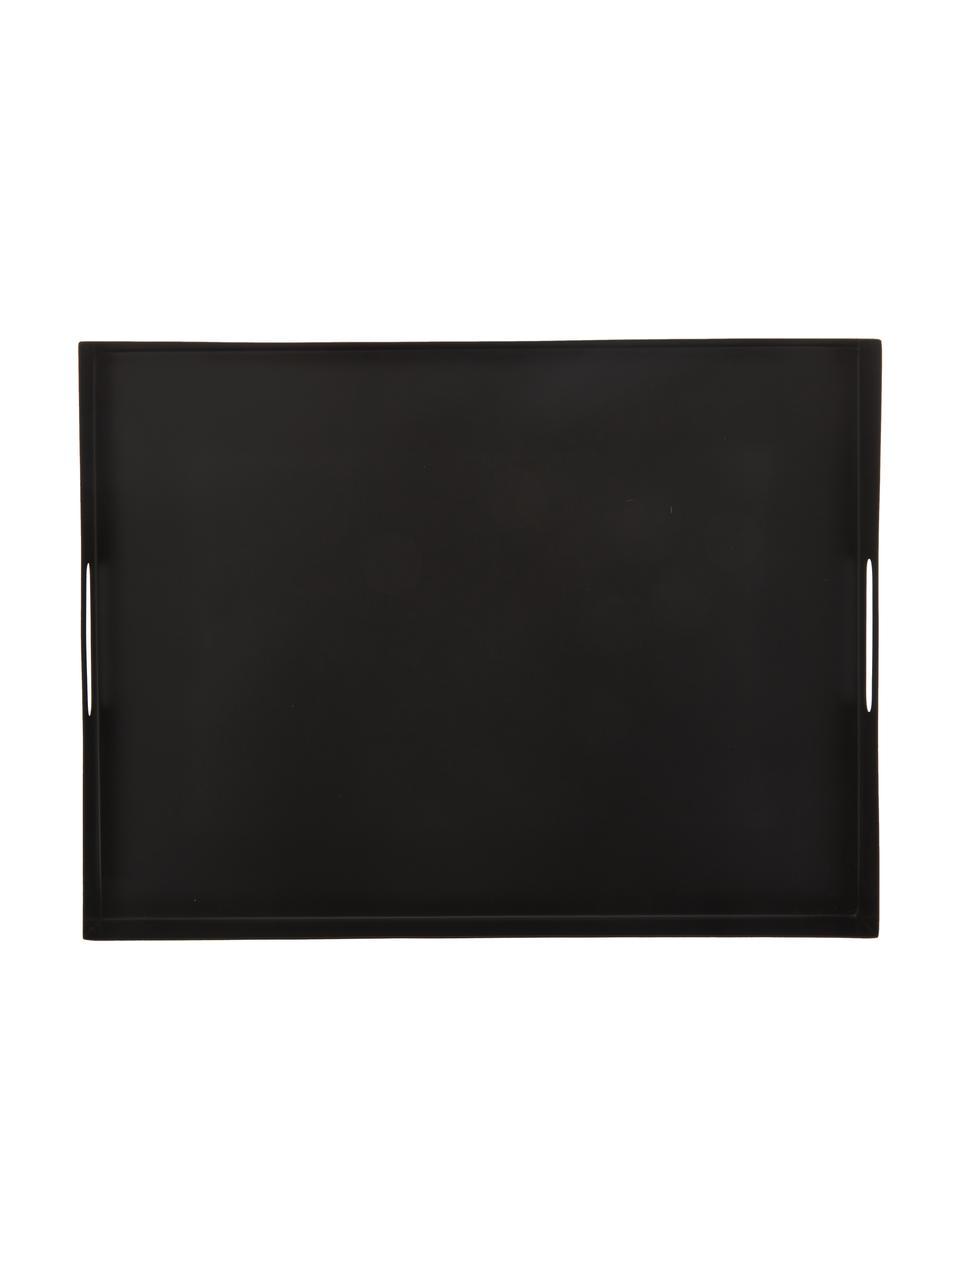 Plateau noir Satu, larg. 30 x long. 40cm, Noir